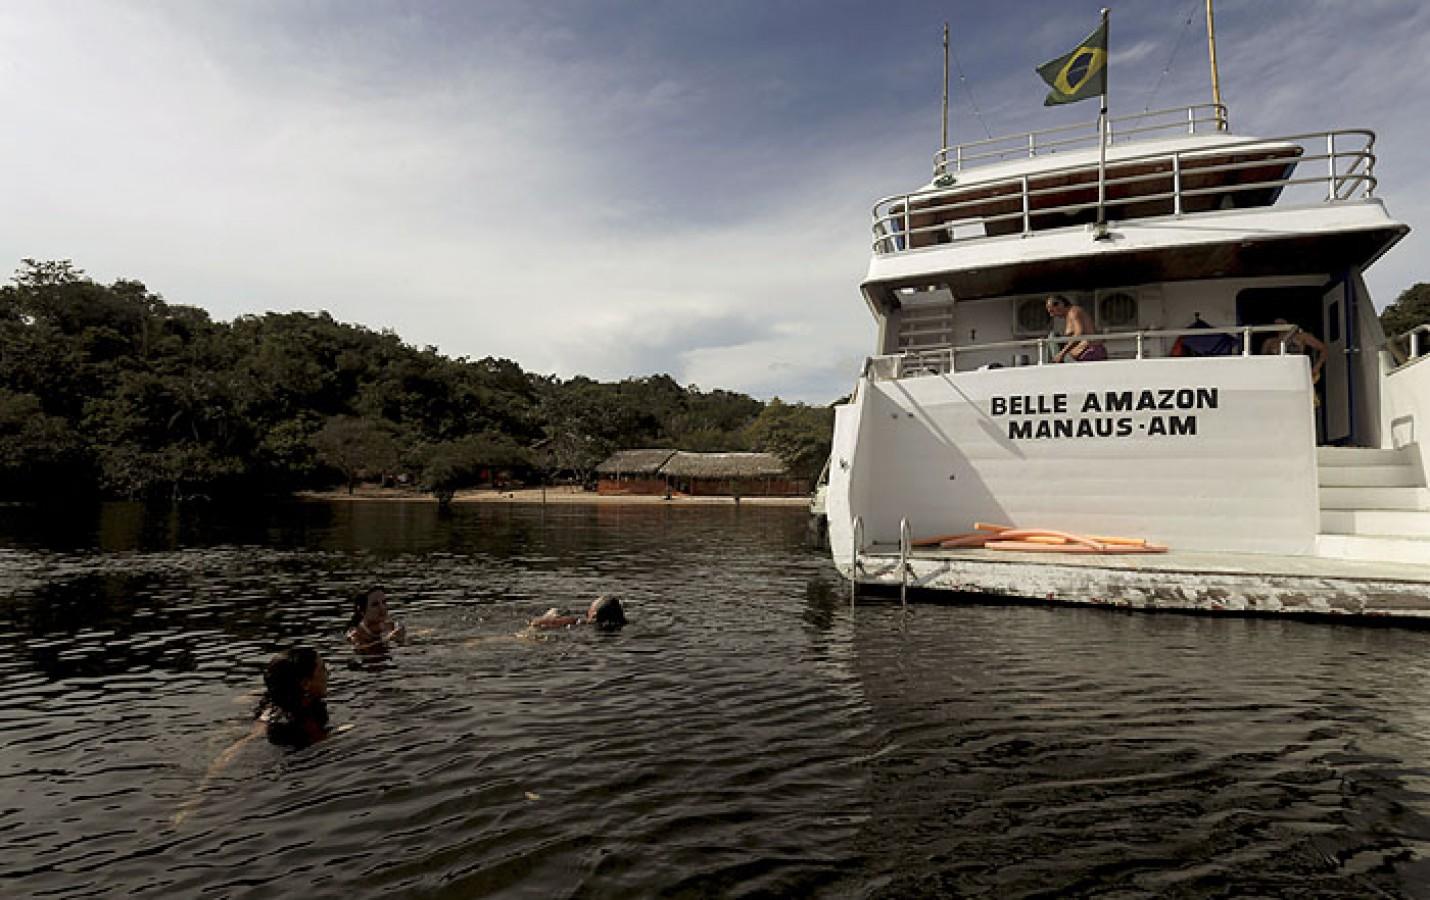 Cruzeiro fluvial pela Amazônia Paraense